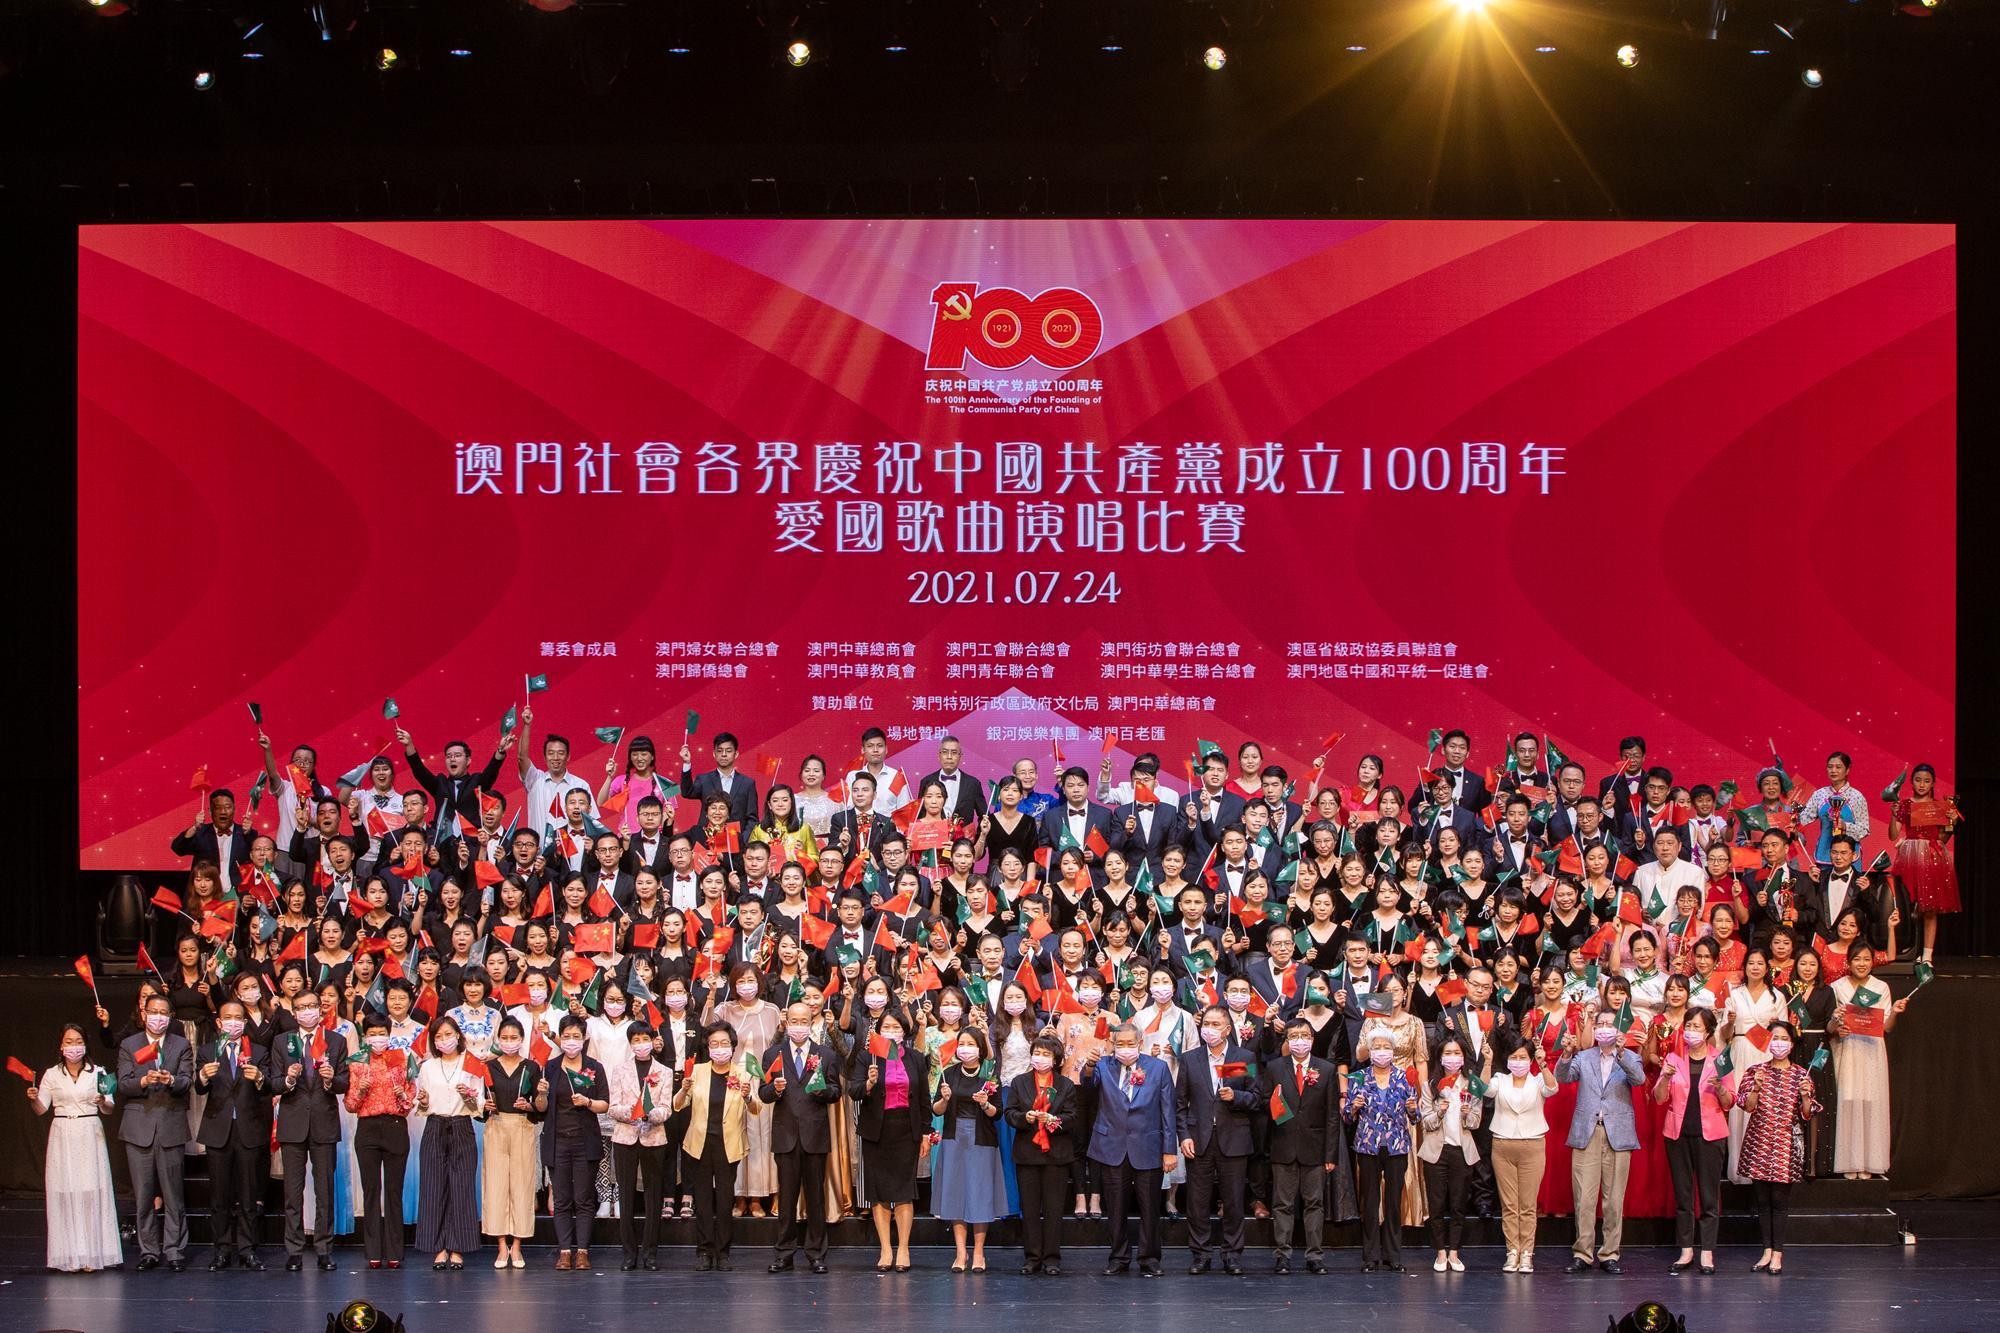 澳门社会各界举办庆祝中国共产党成立100周年爱国歌曲演唱比赛